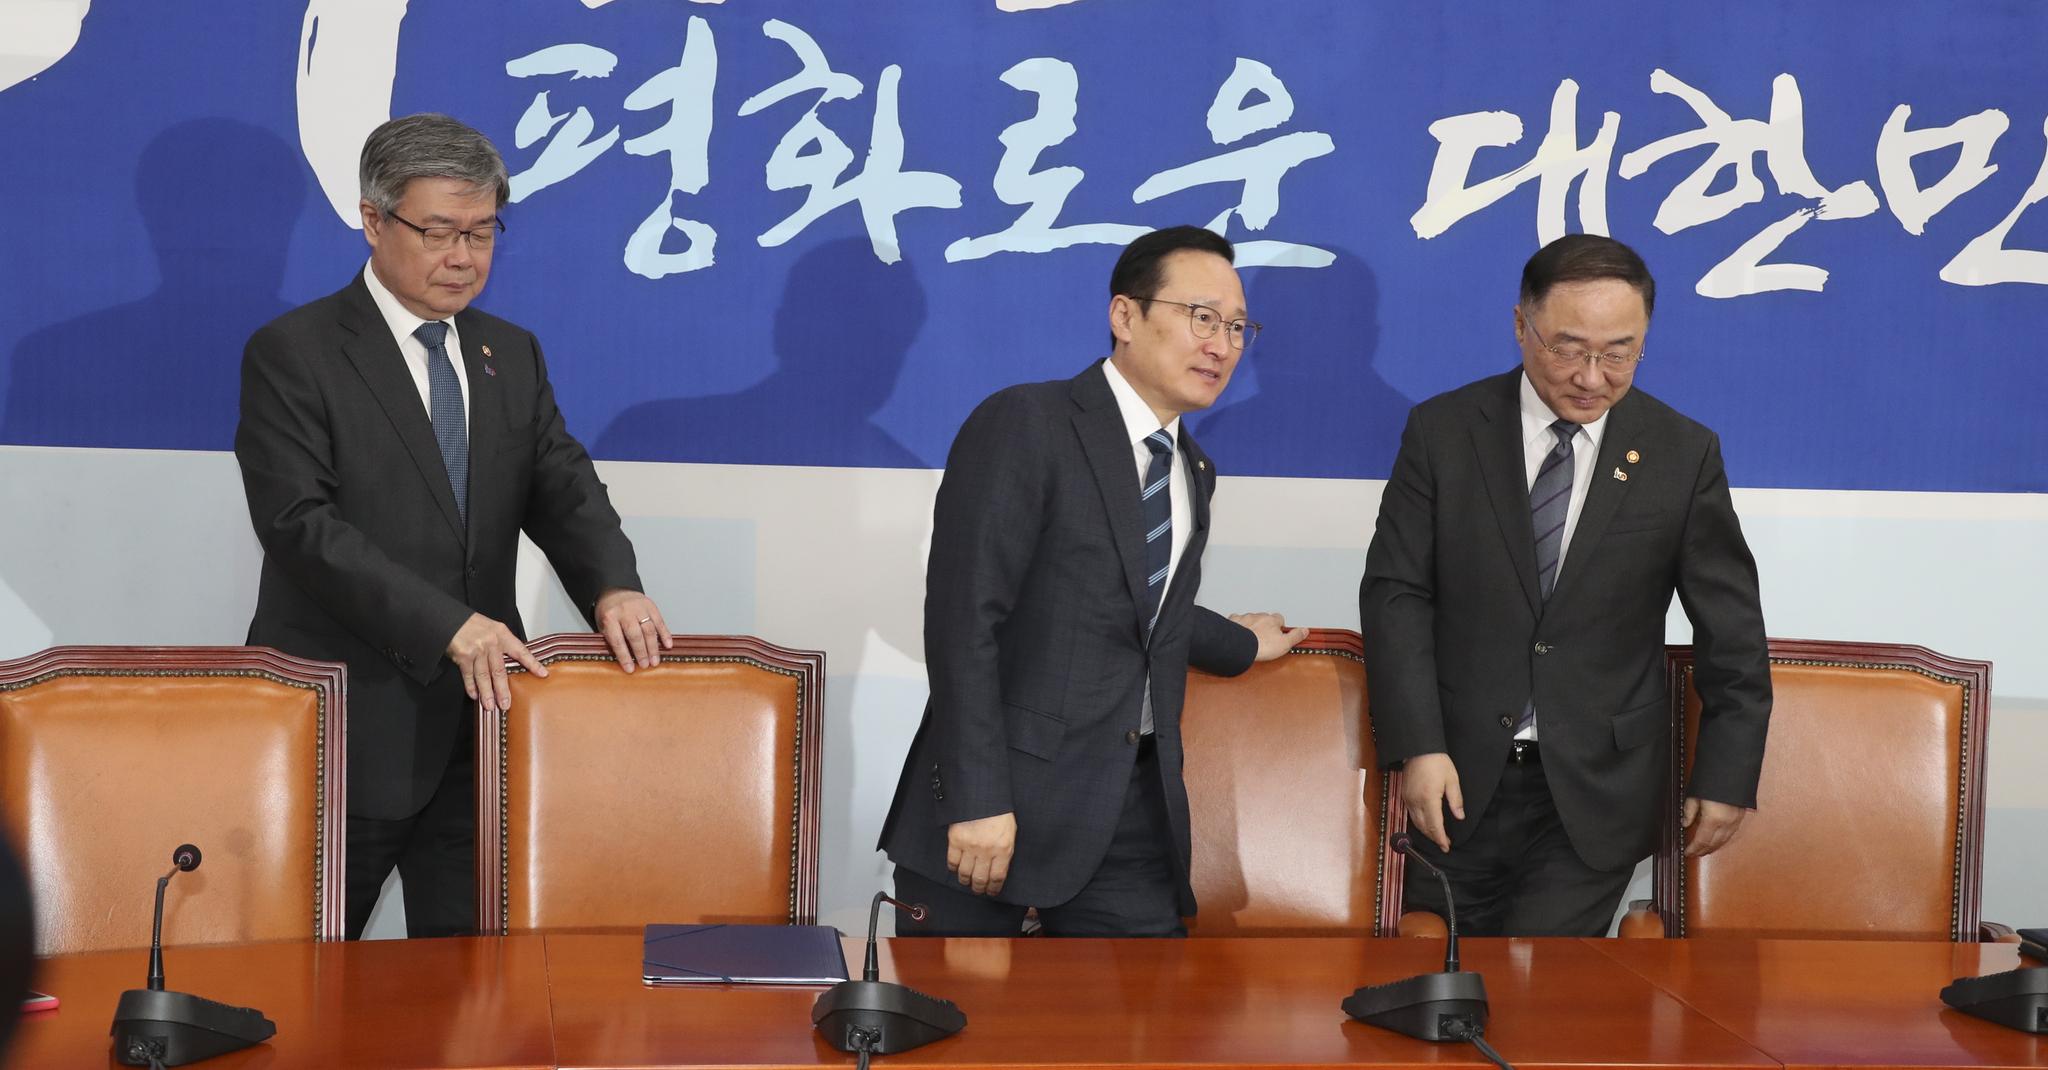 홍남기 경제부총리 겸 기획재정부 장관(오른쪽)과 이재갑 고용노동부 장관(왼쪽)이 1일 국회에서 더불어민주당 홍영표 원내대표를 방문해 자리에 앉고 있다. 임현동 기자